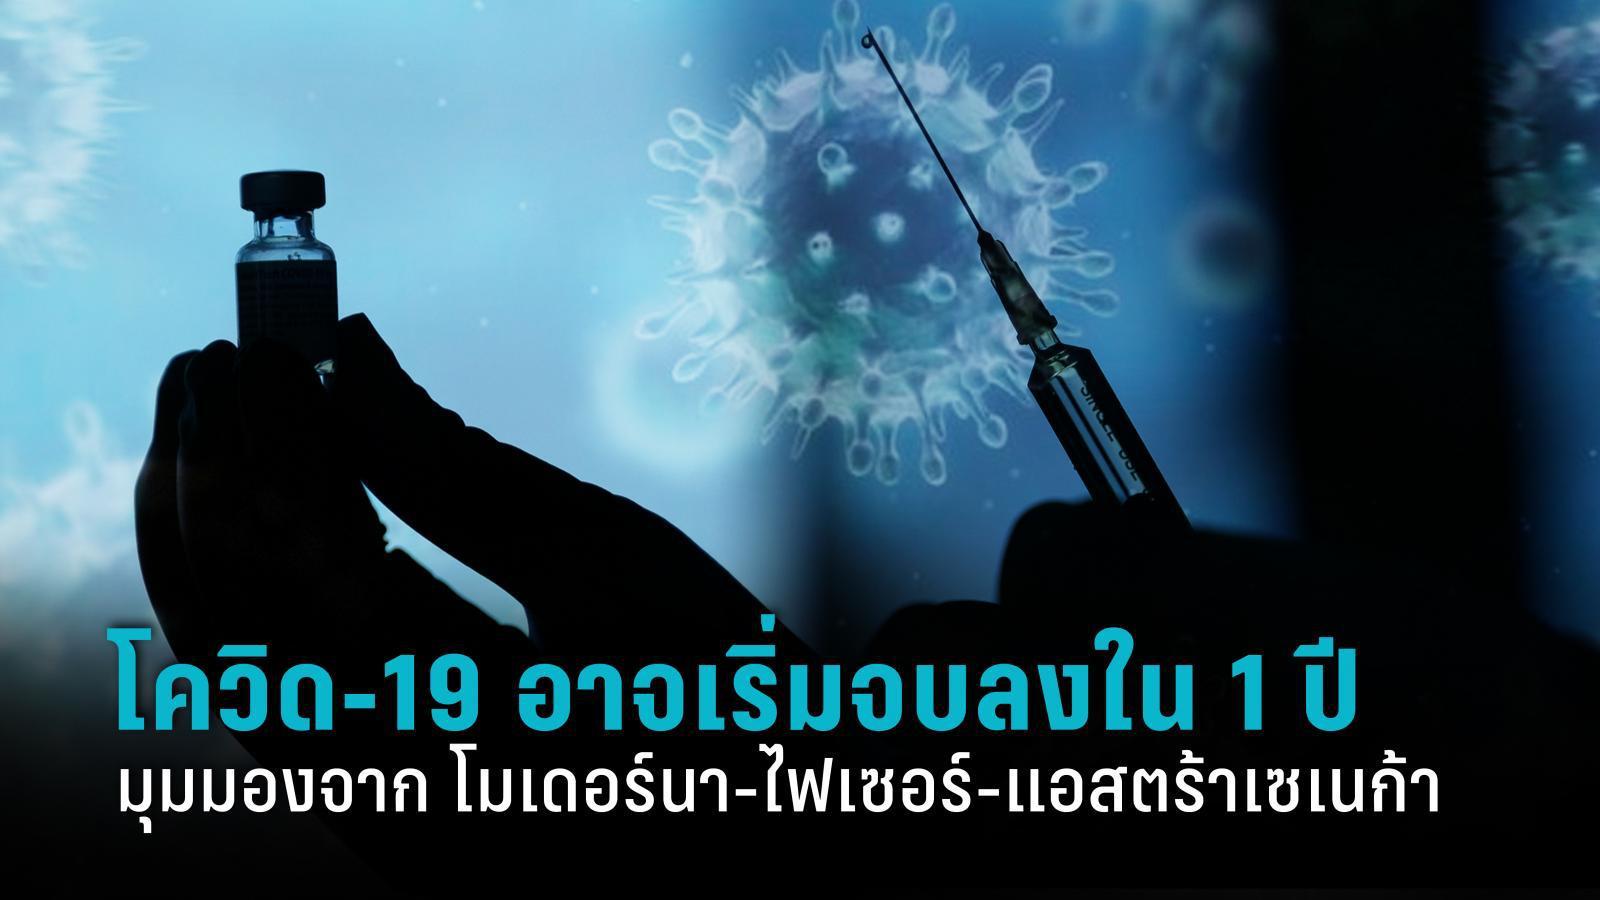 3 บริษัทผลิตวัคซีน มองโควิด-19 อาจเริ่มจบลงภายใน 1 ปี